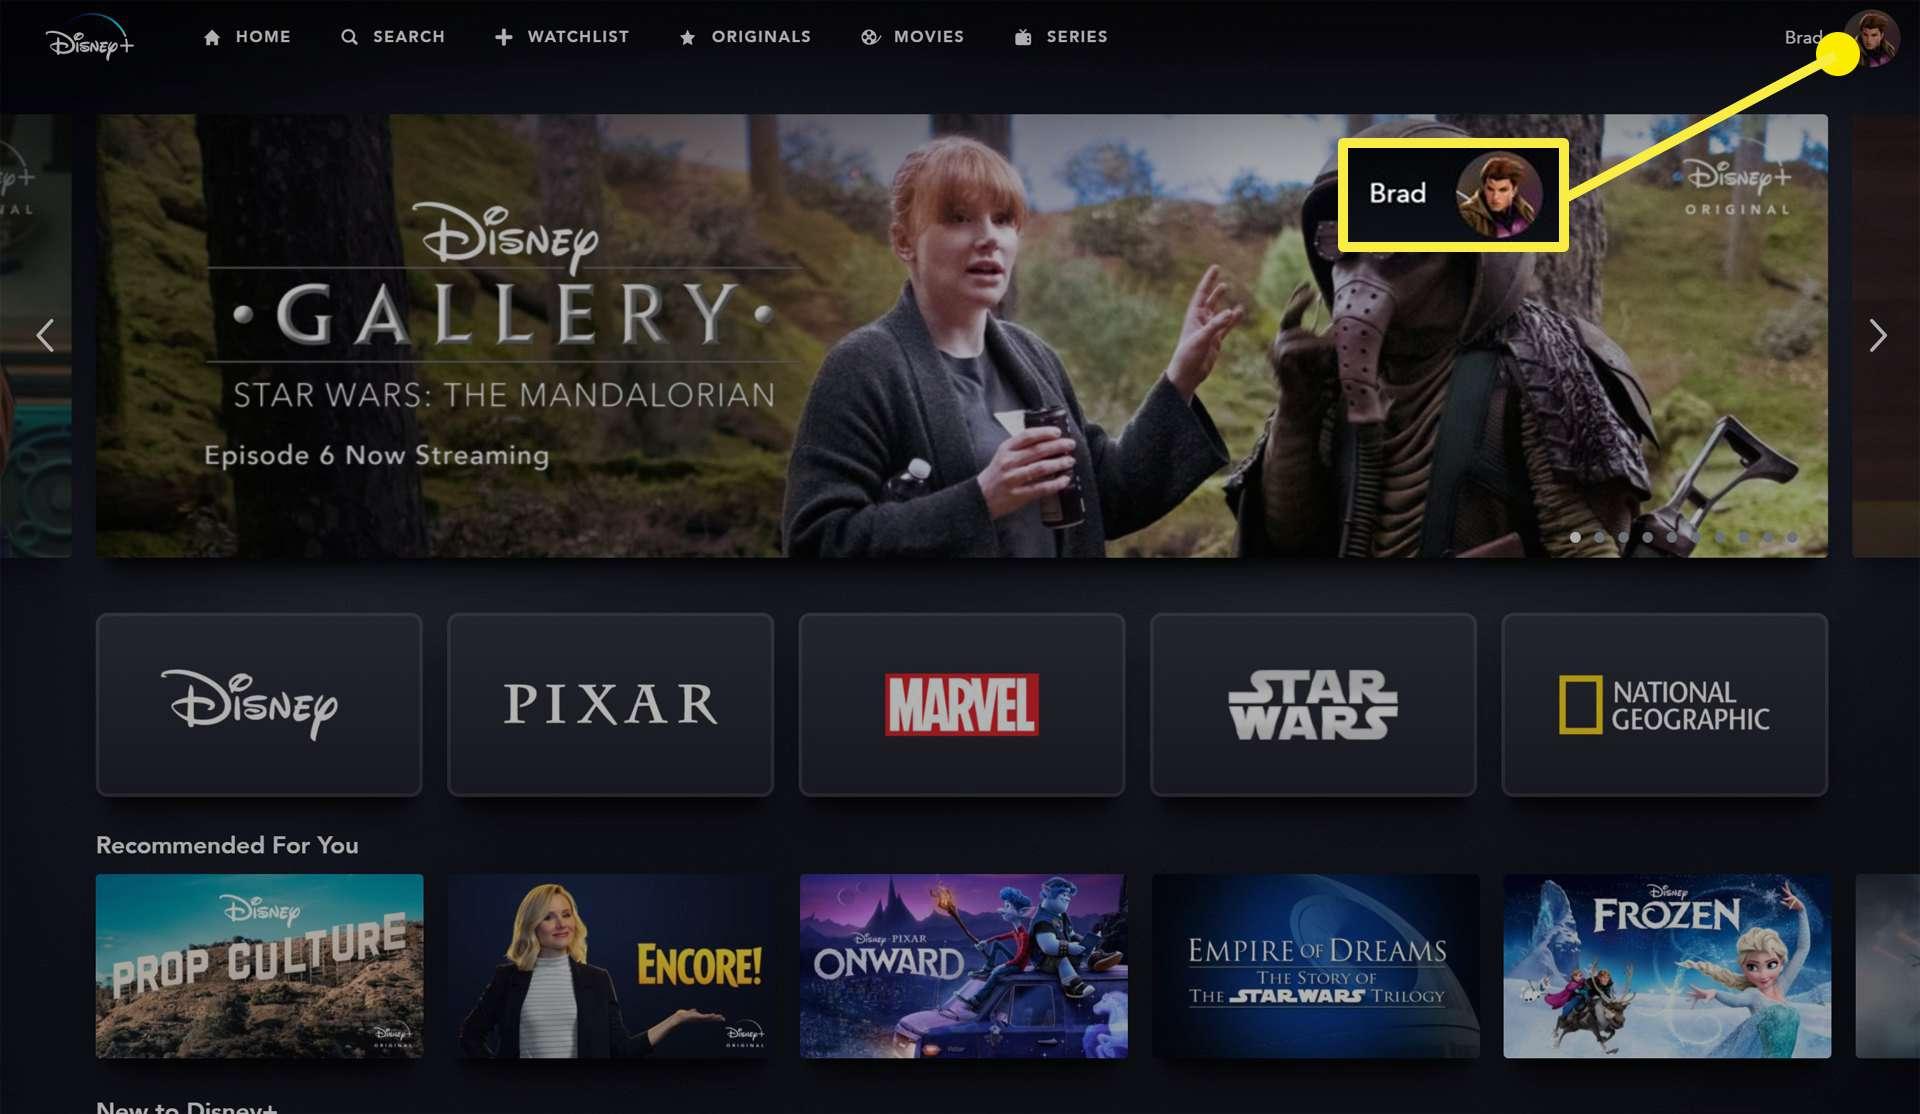 Disney Plus website.